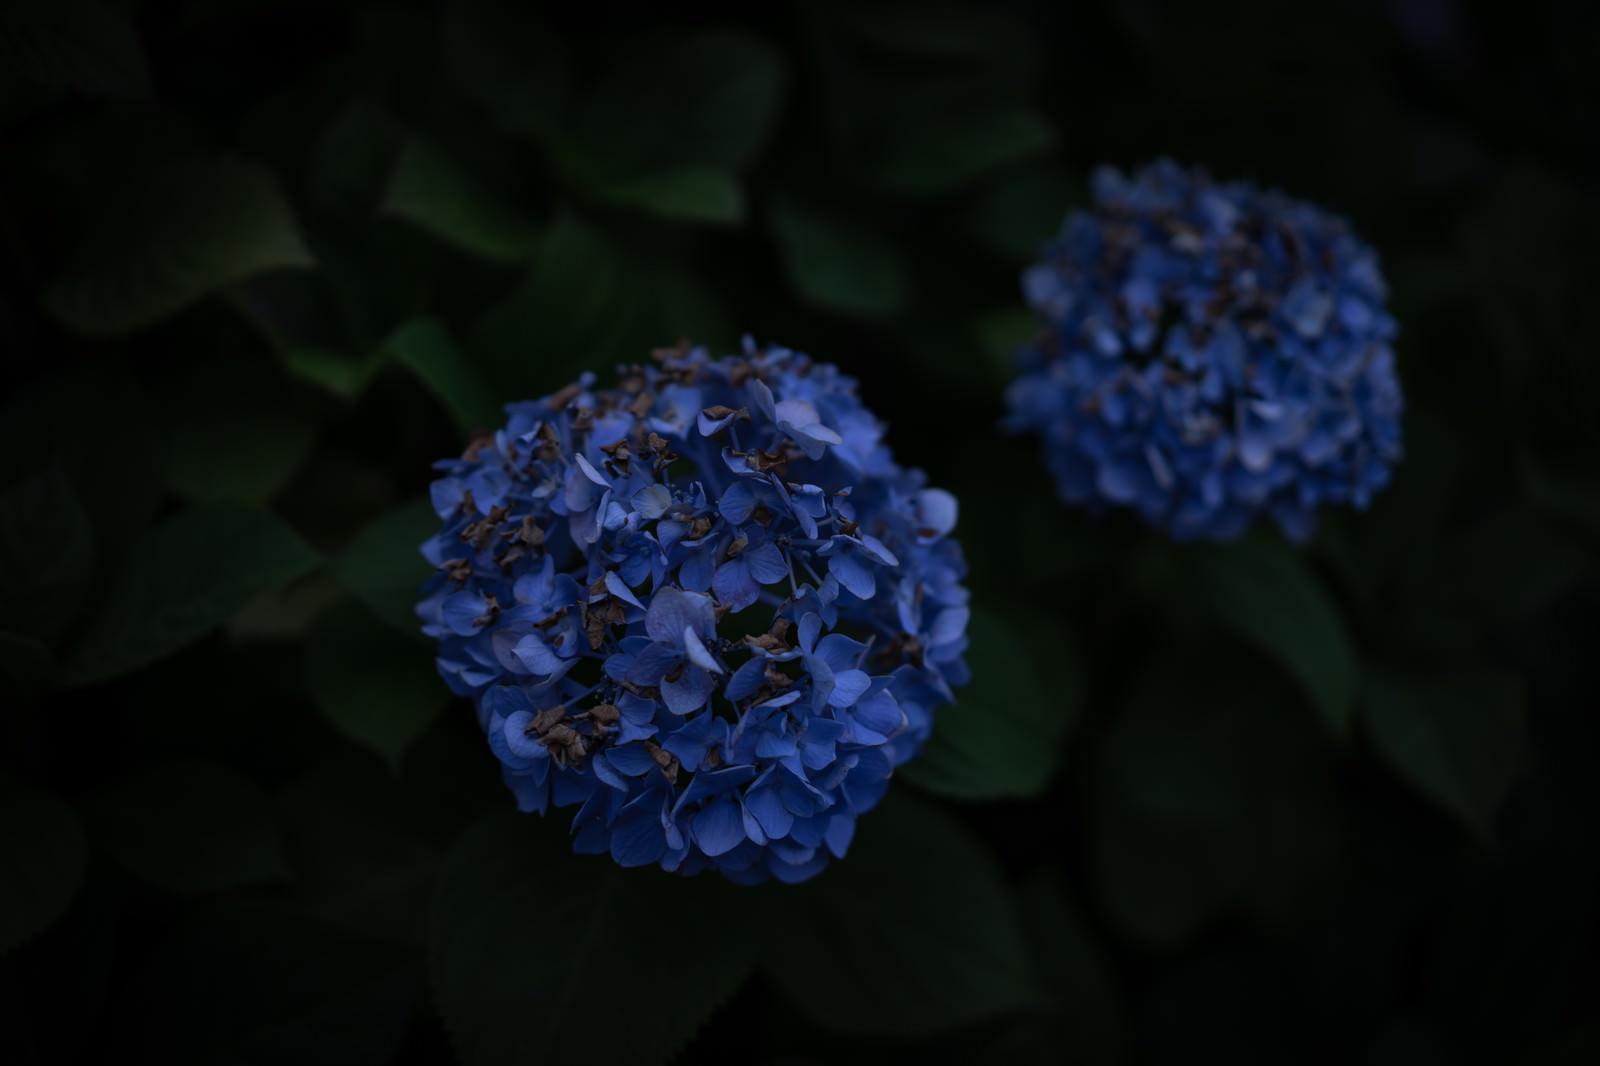 「夜道に咲く青い紫陽花」の写真